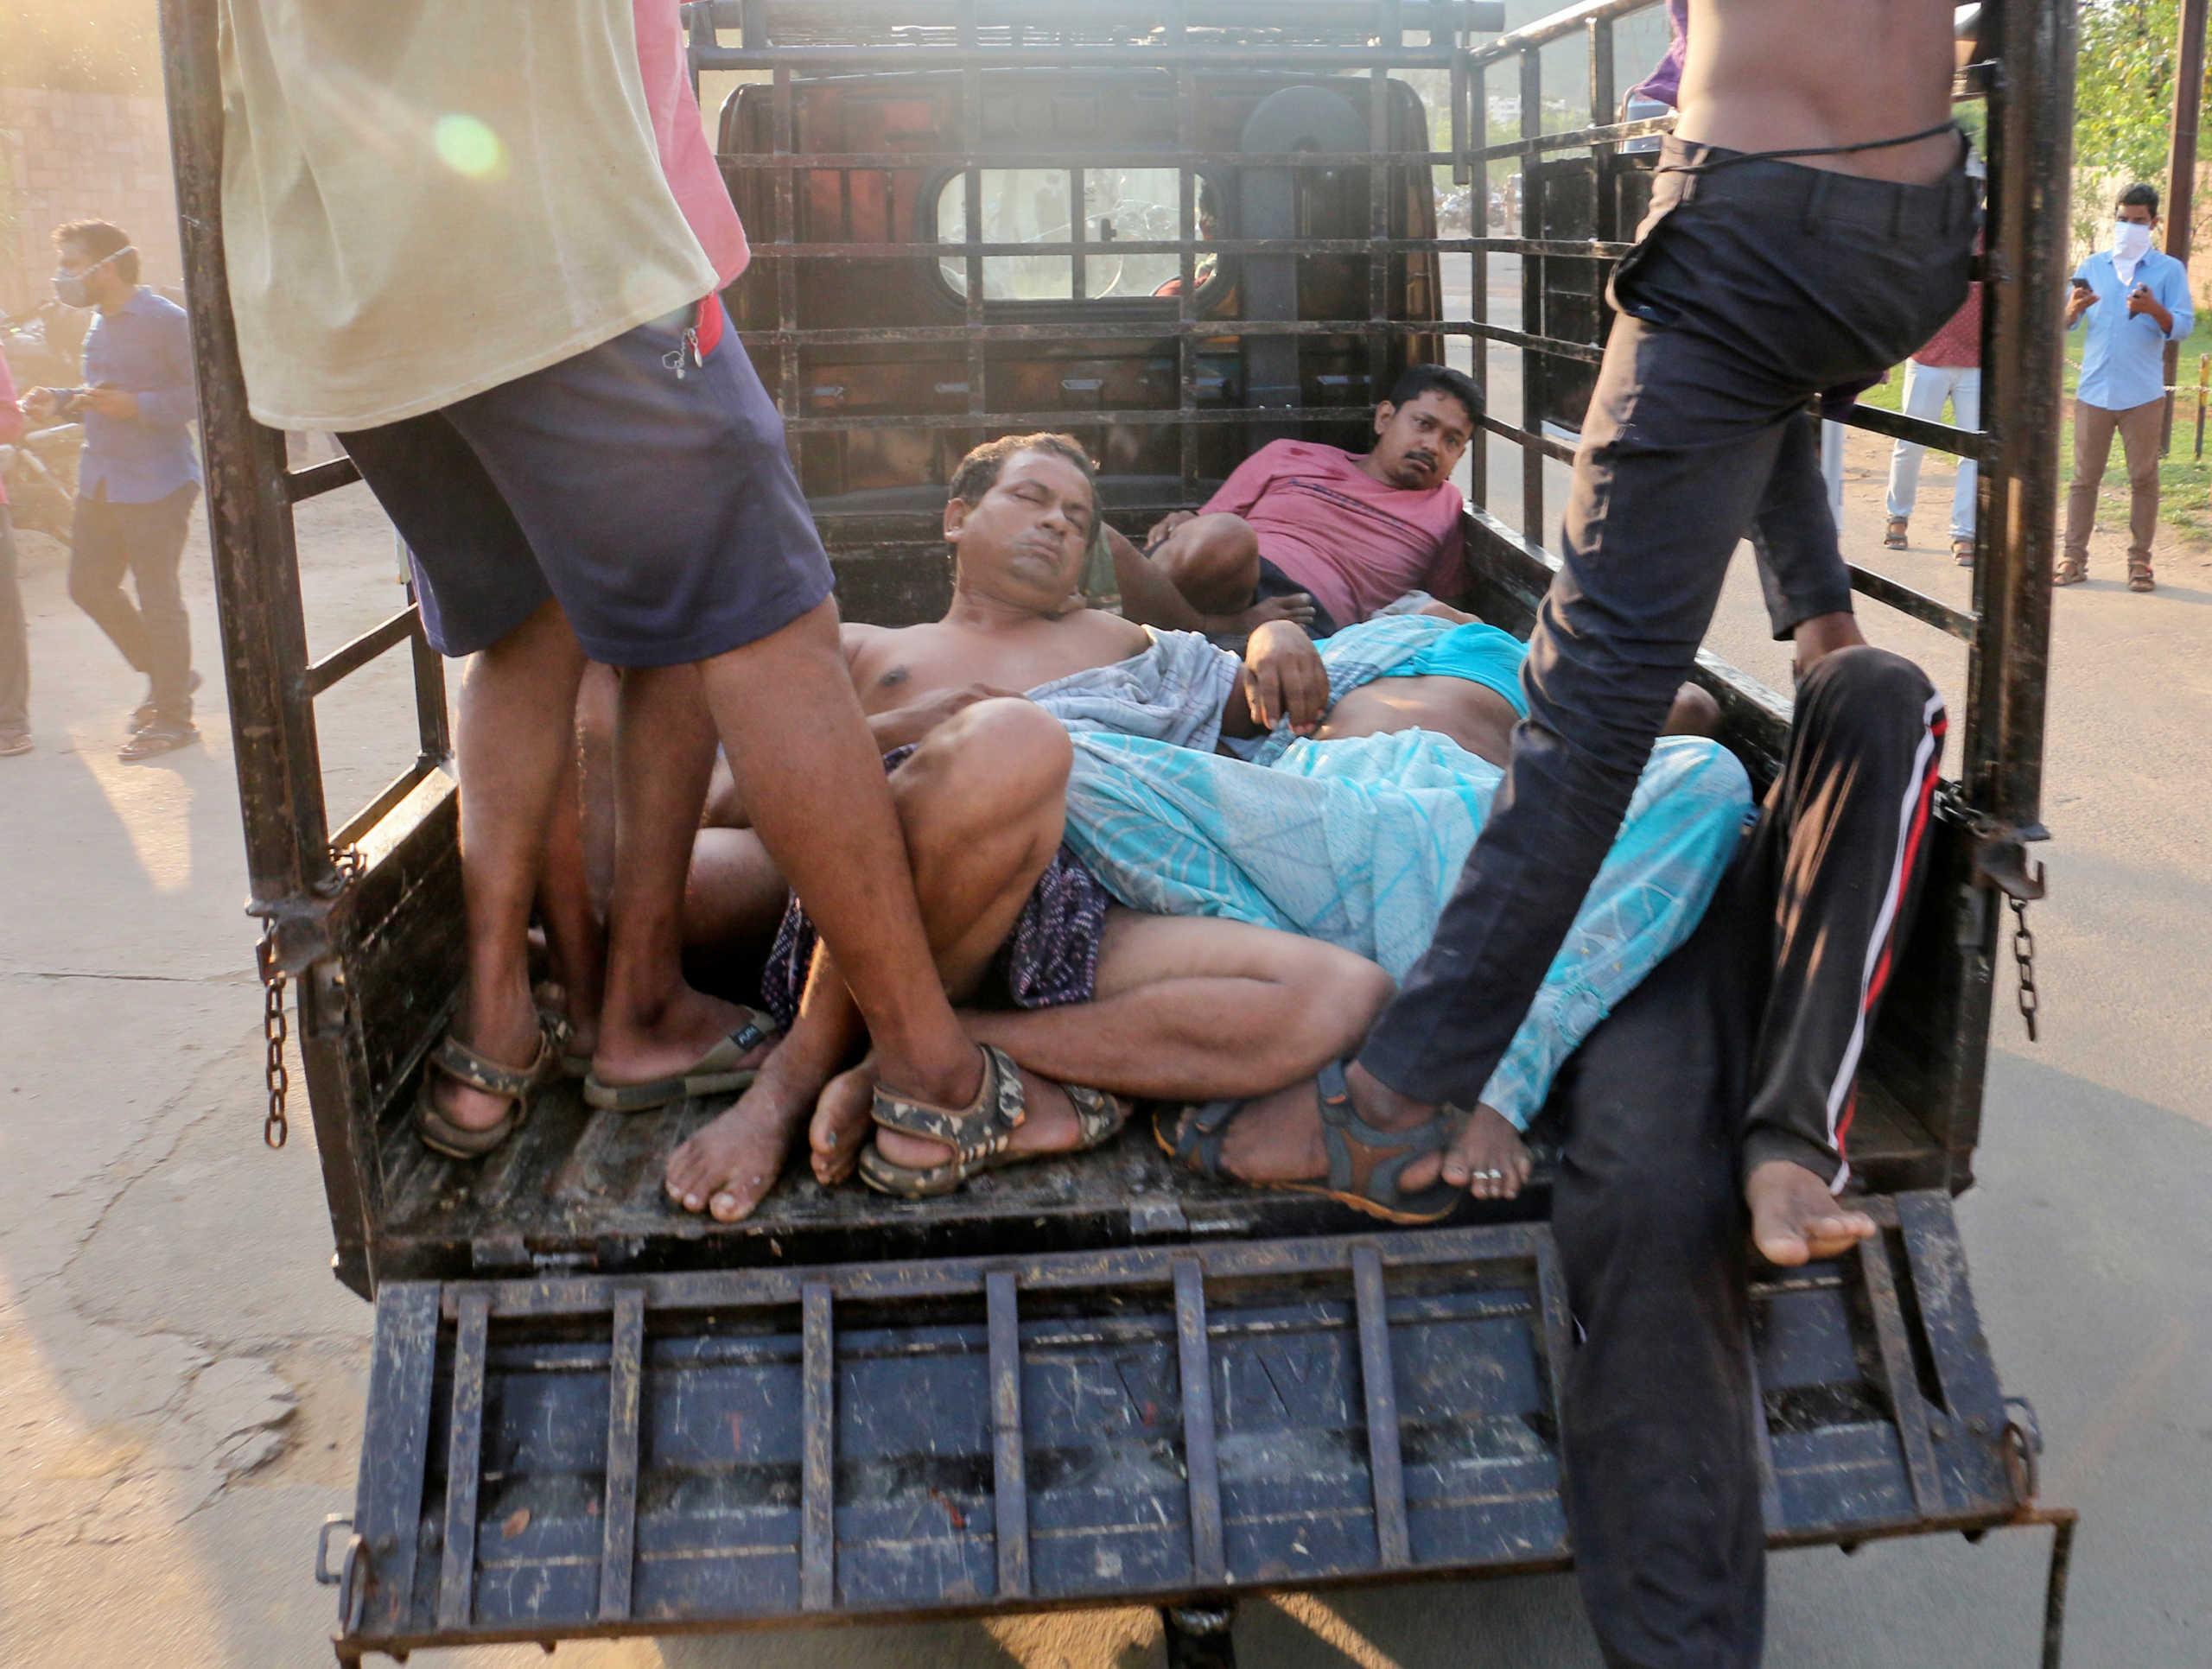 Ινδία: Διαδηλωτές με… πτώματα στα χέρια ζητούν να κλείσει το εργοστάσιο όπου πέθαναν 12 άτομα (video)